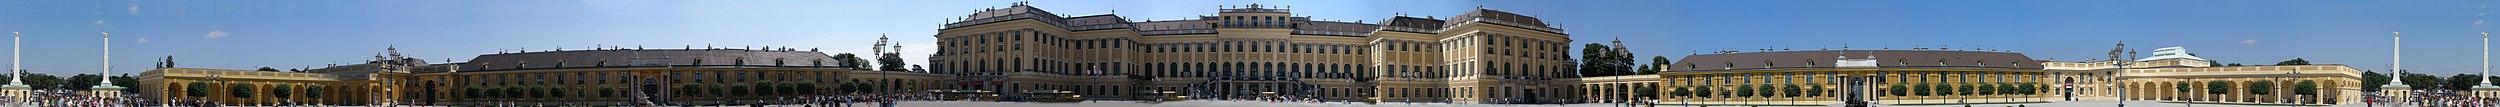 https://upload.wikimedia.org/wikipedia/commons/thumb/6/68/Schoenbrunn_Innenhof_panorama.jpg/2500px-Schoenbrunn_Innenhof_panorama.jpg